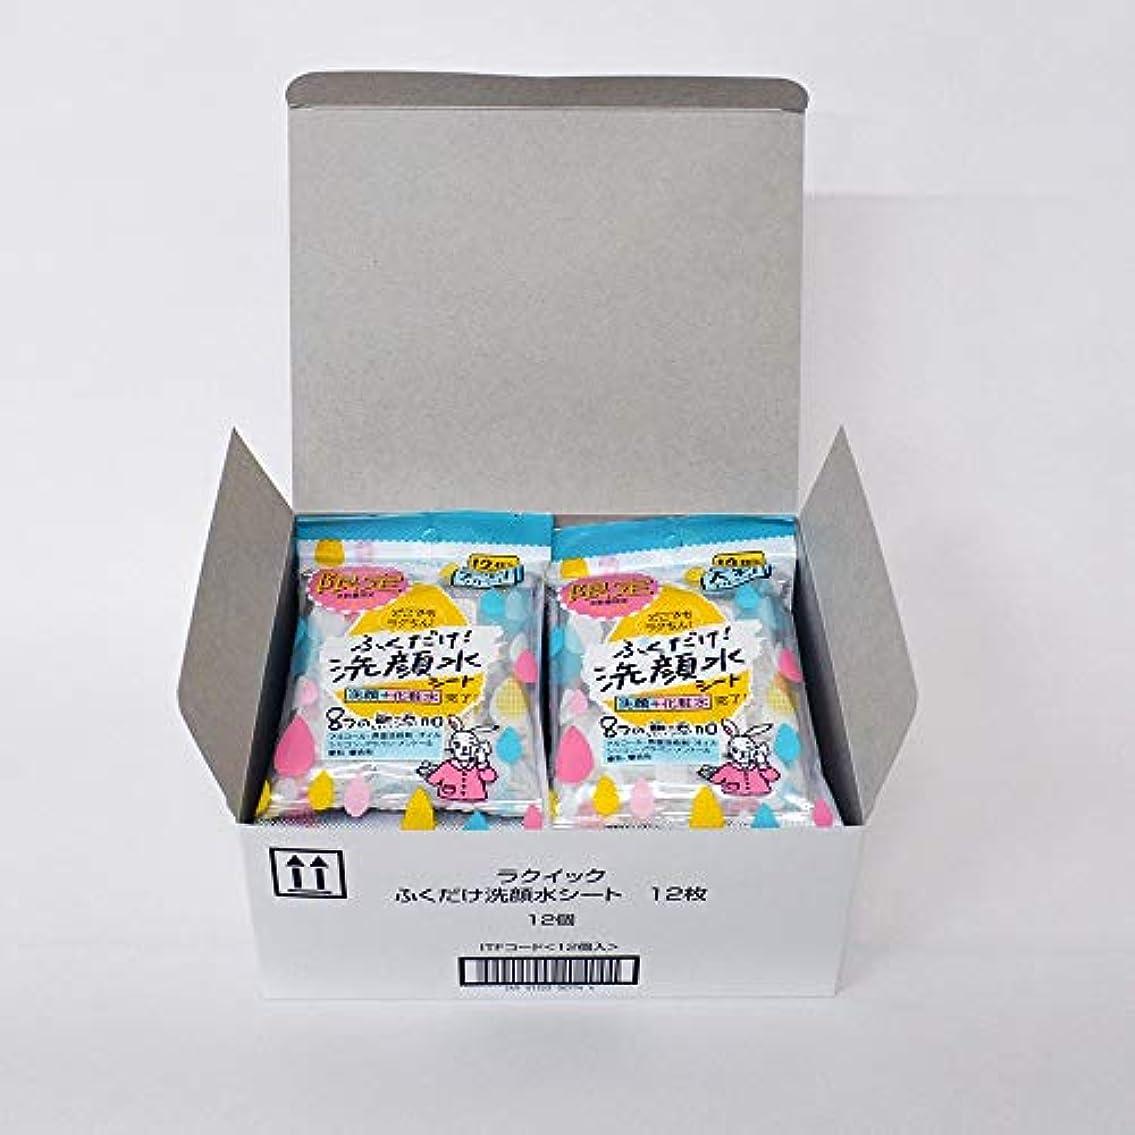 秘密の孤児パドル【Amazon.co.jp 限定】ラクイック 大判シート12枚入り 12個セット